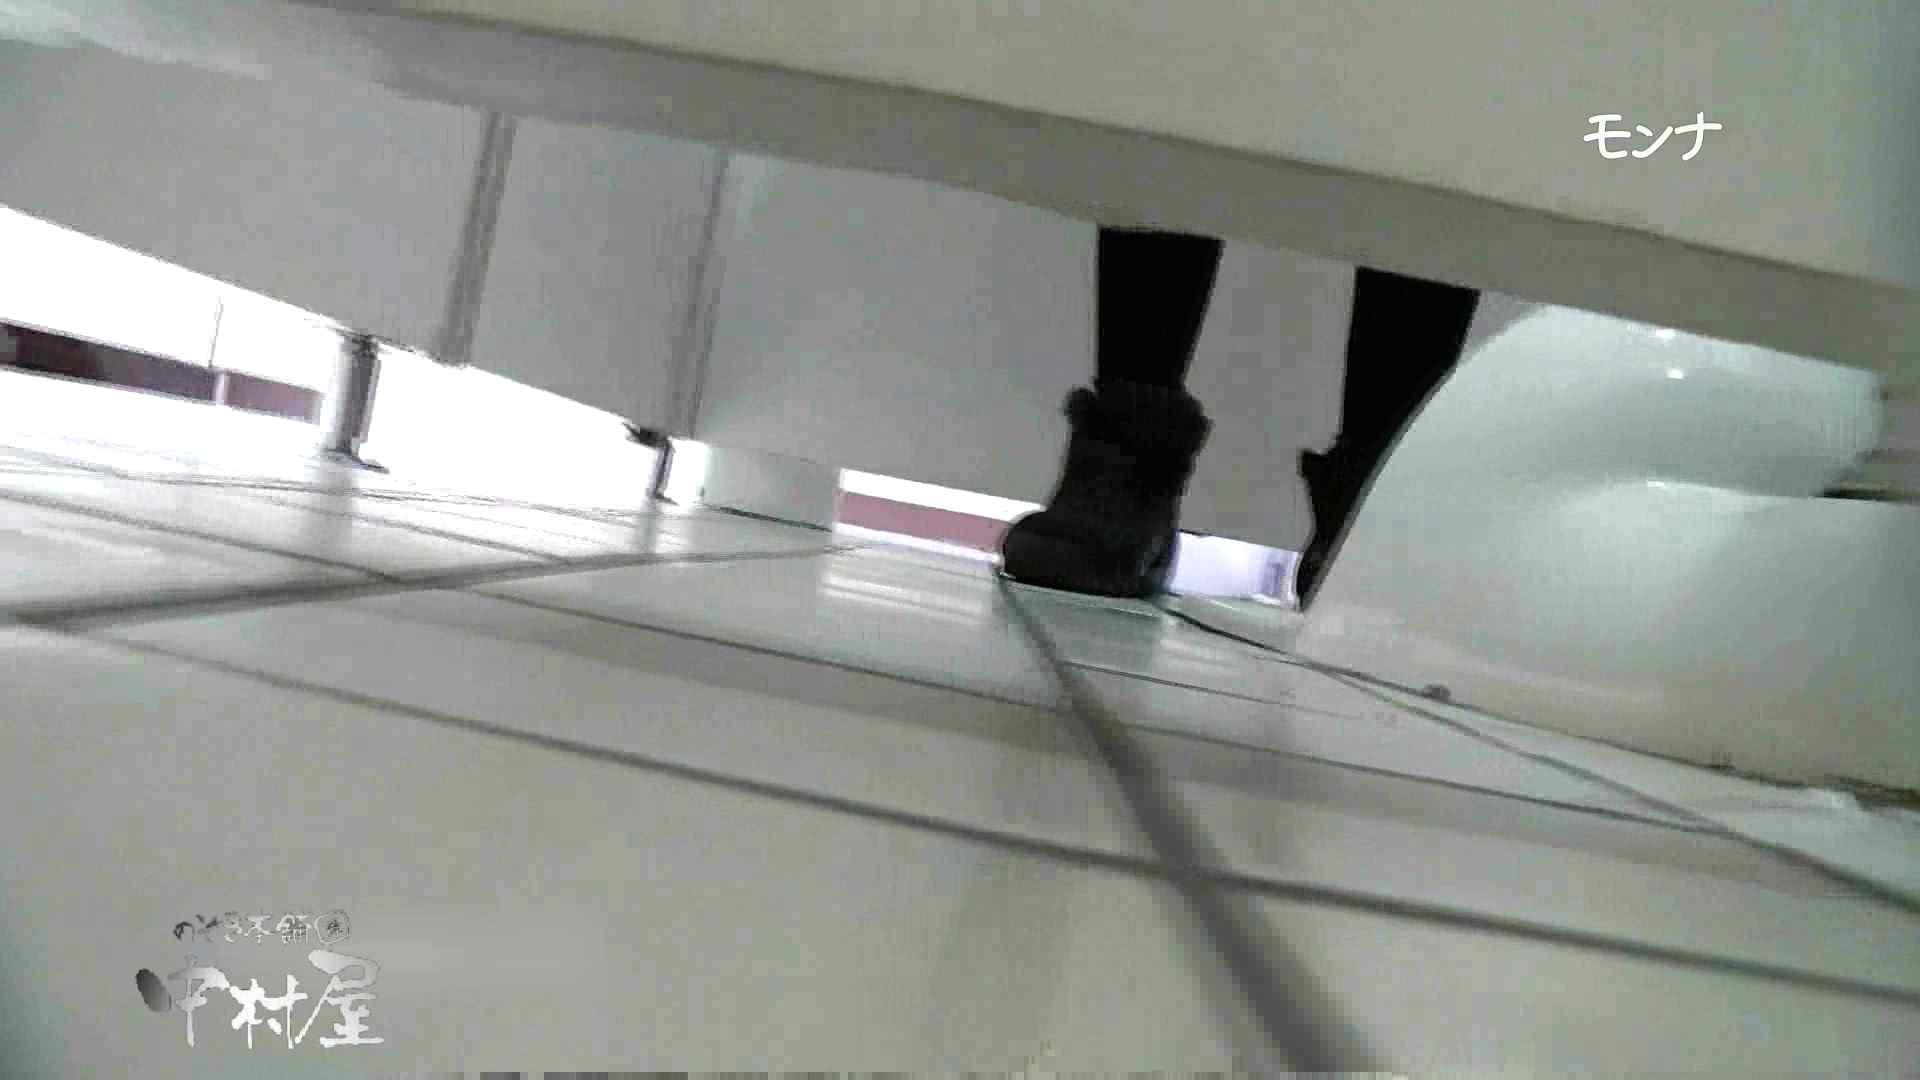 【美しい日本の未来】遂に!!戸田恵梨香似の予告モデル登場ダッシュで「大」後編 Hなモデル  105pic 88